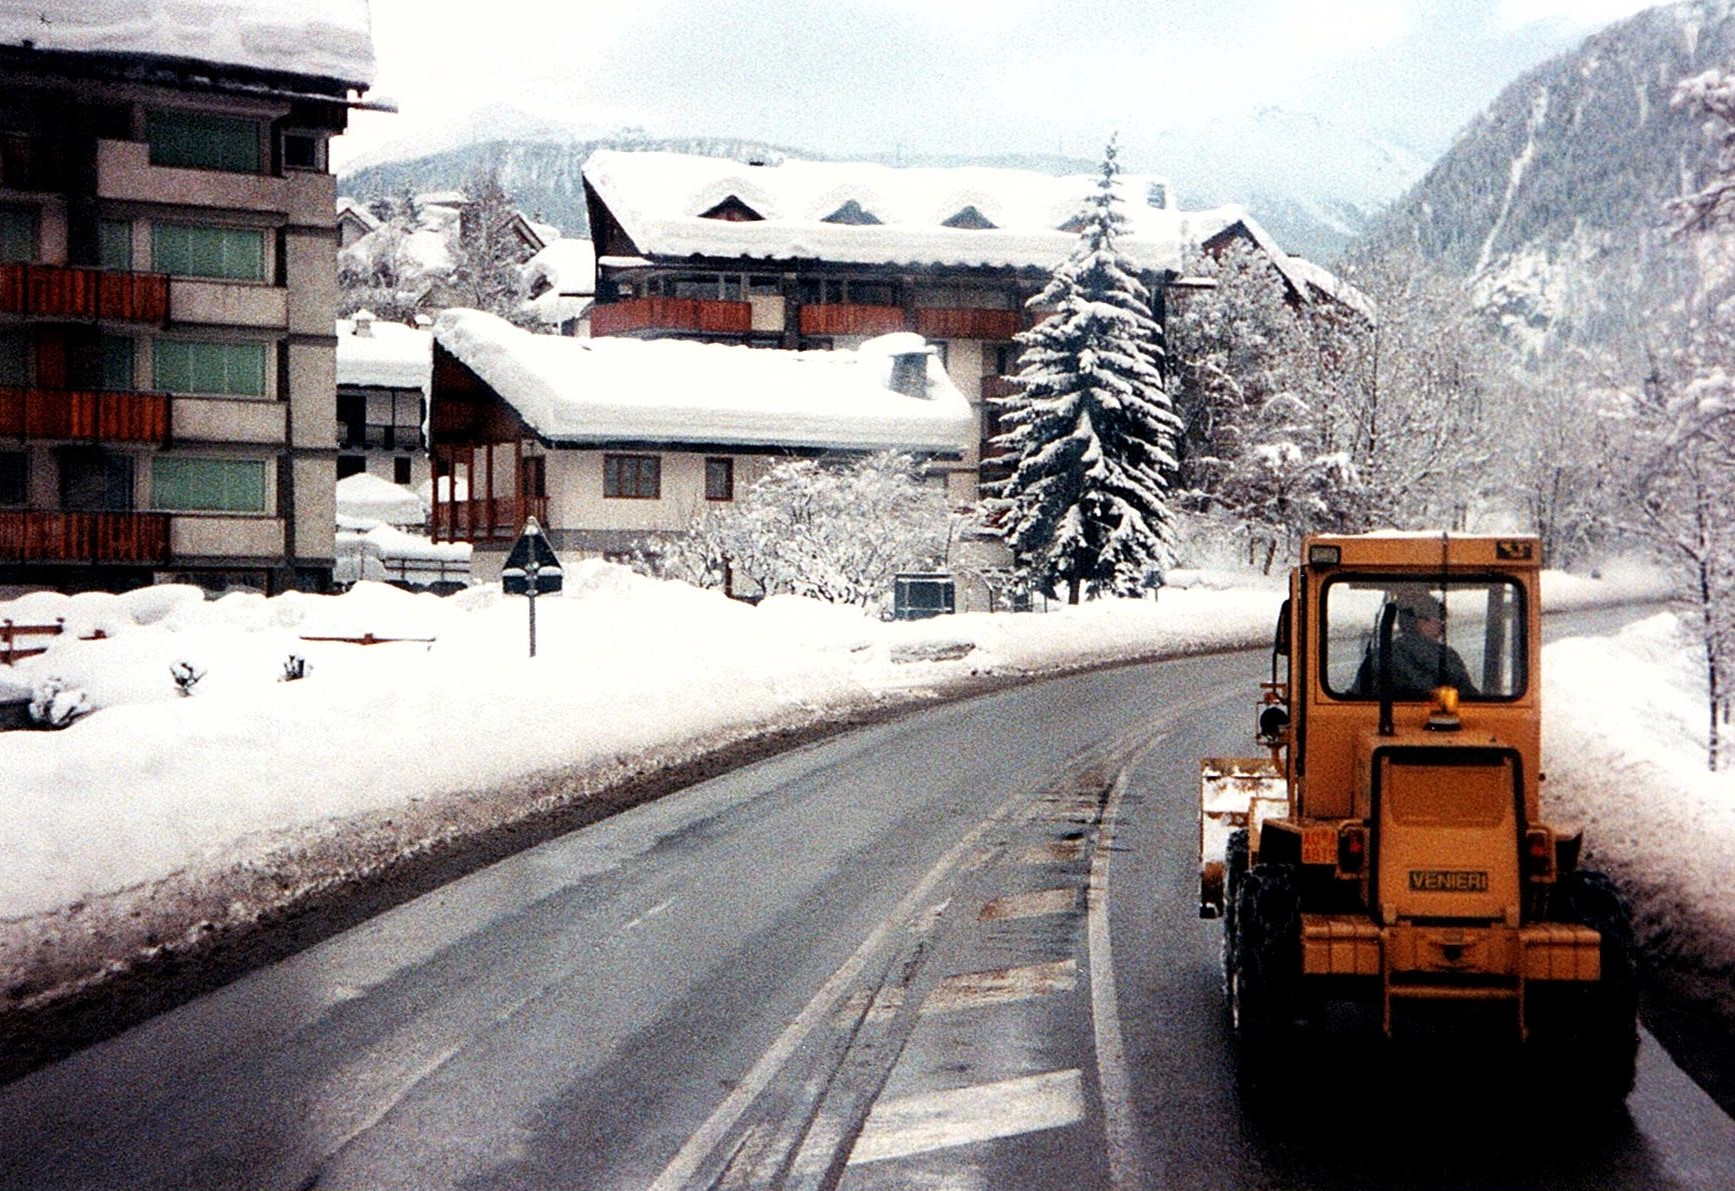 Bert-met-de-Scania-vakantie-vieren-in-Italie-24